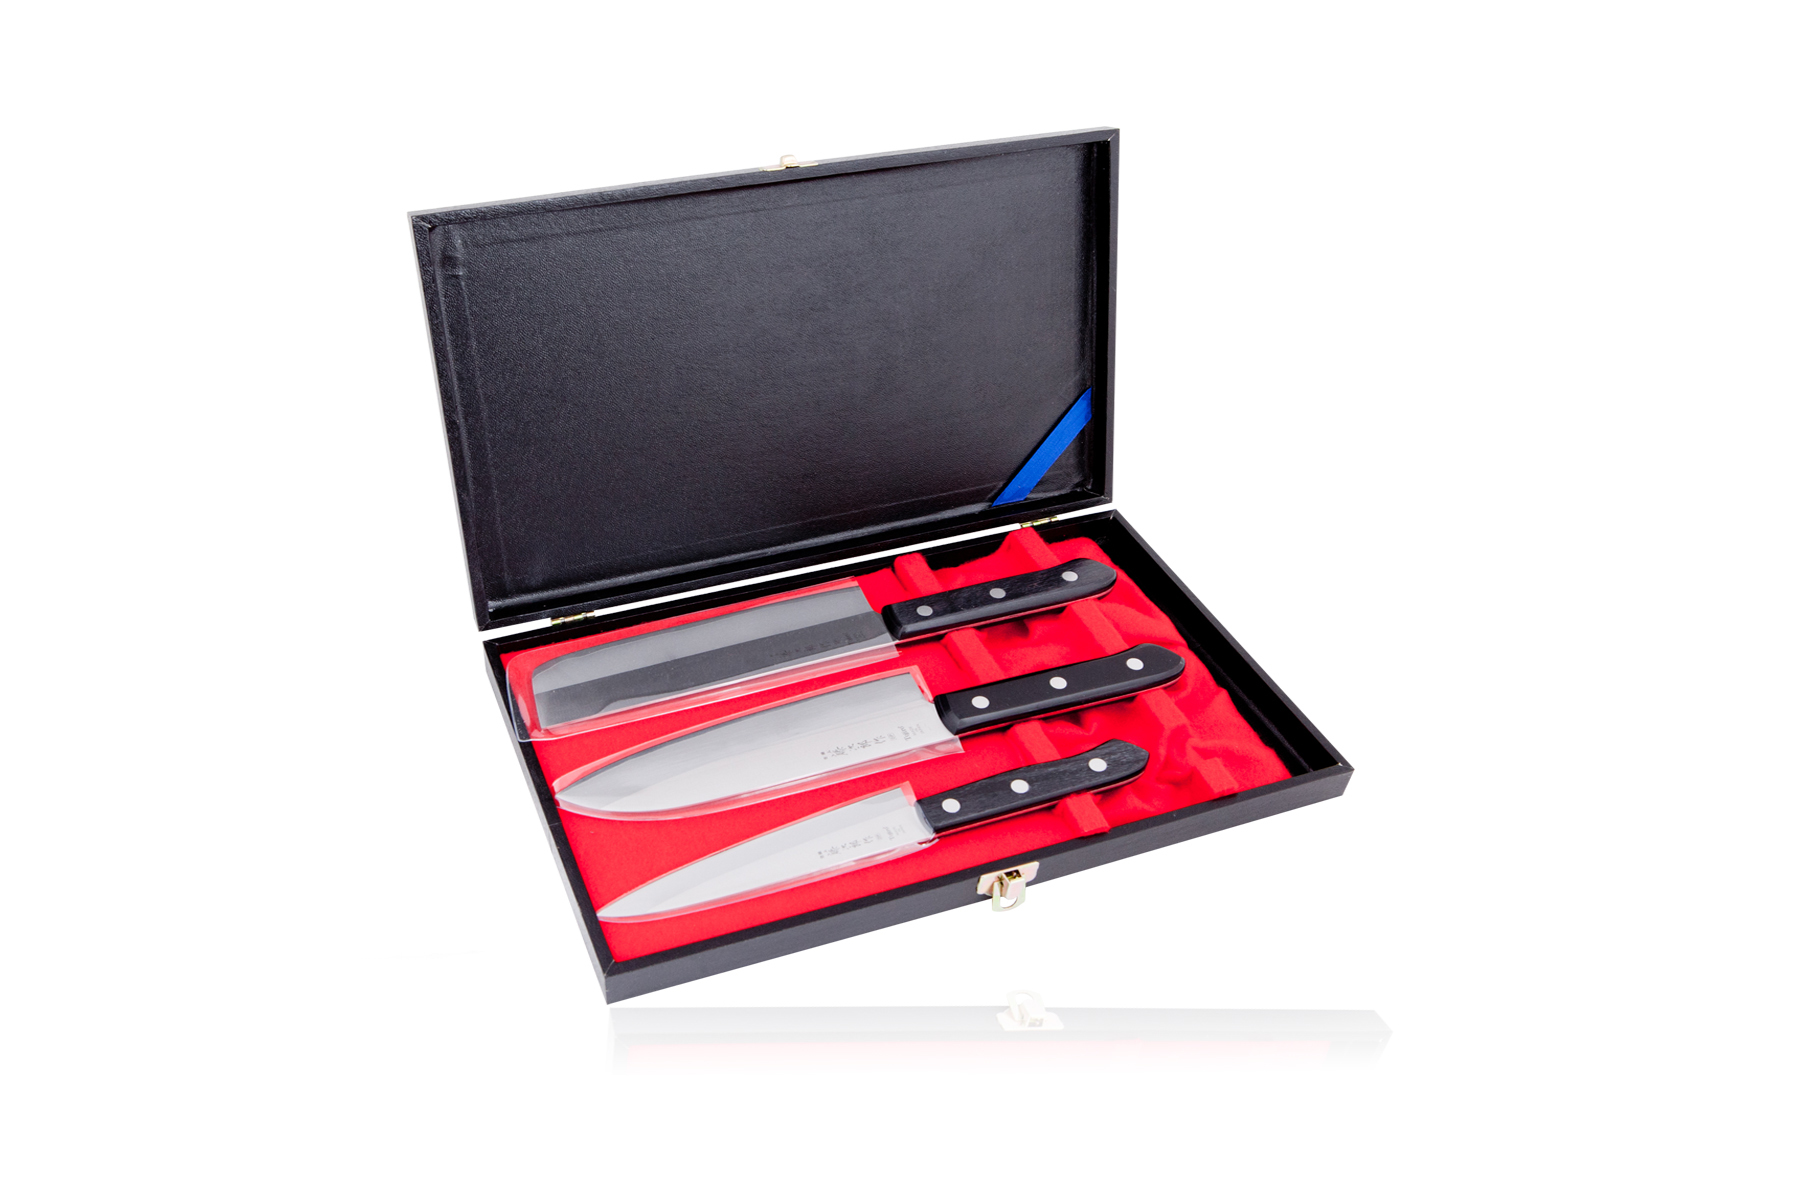 Набор из 3 кухонных ножей Tojiro Gift Set (FG-8300)Наборы ножей Tojiro<br>Набор из 3 кухонных ножей Tojiro Gift Set (FG-8300)<br>Материал клинка:Сталь VG-10 / Laminated 420J2<br>В наборе:<br><br>Нож кухонный стальной универсальный(135мм)<br>Нож кухонный стальной Накири(160мм)<br>Нож кухонный стальной Сантоку(165мм)<br>Подарочная упаковка.<br><br>Что резать:<br><br>Нож Сантоку - подходит для нарезки любых продуктов (мясо, рыба, овощи, фрукты).<br>Нож Накири – это специальный топорик для шинковки овощей. Отличается удобной формой, что позволяет легко и быстро нарезать любые овощи, просто поднимая и опуская лезвие ножа.<br>Универмальный нож - подходит для нарезки не больших кусков мяса и рыбы, а также сыра, овощей и фруктов.<br><br>Официальный сертифицированный продавец TOJIRO<br>